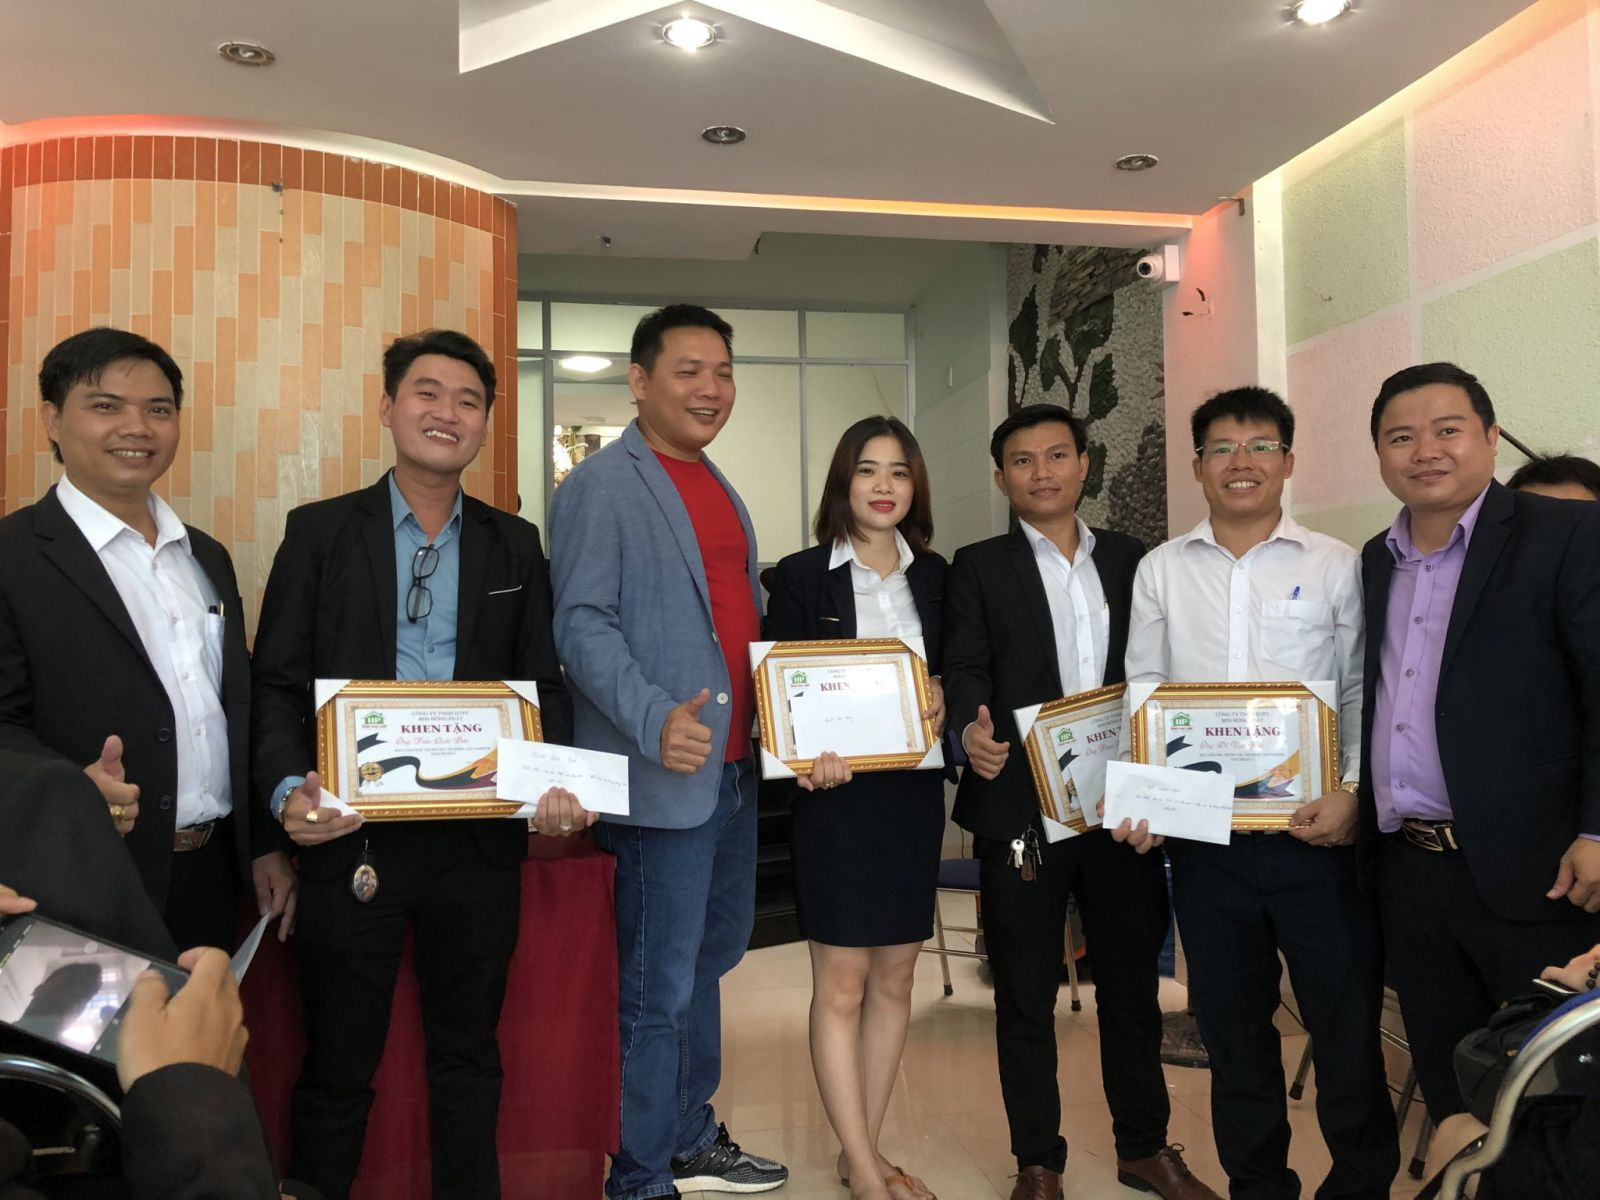 giải thưởng dành cho nhân viên xuất sắc